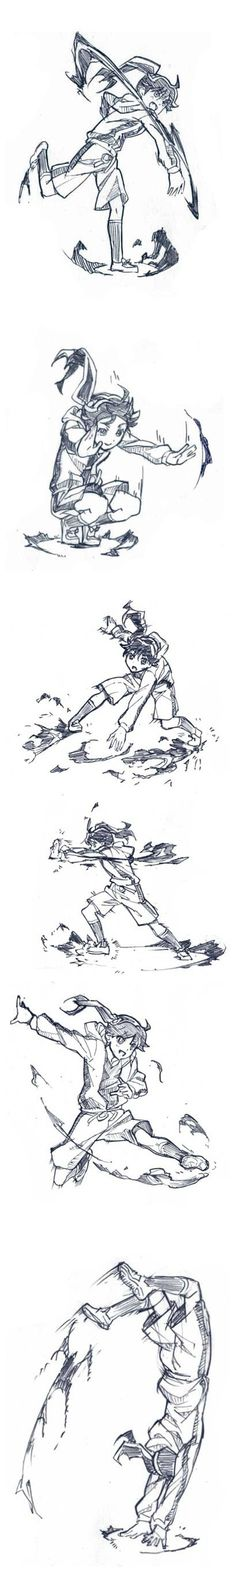 Il a ajouté un ki sa animation の grandes actions de combat de référence de…